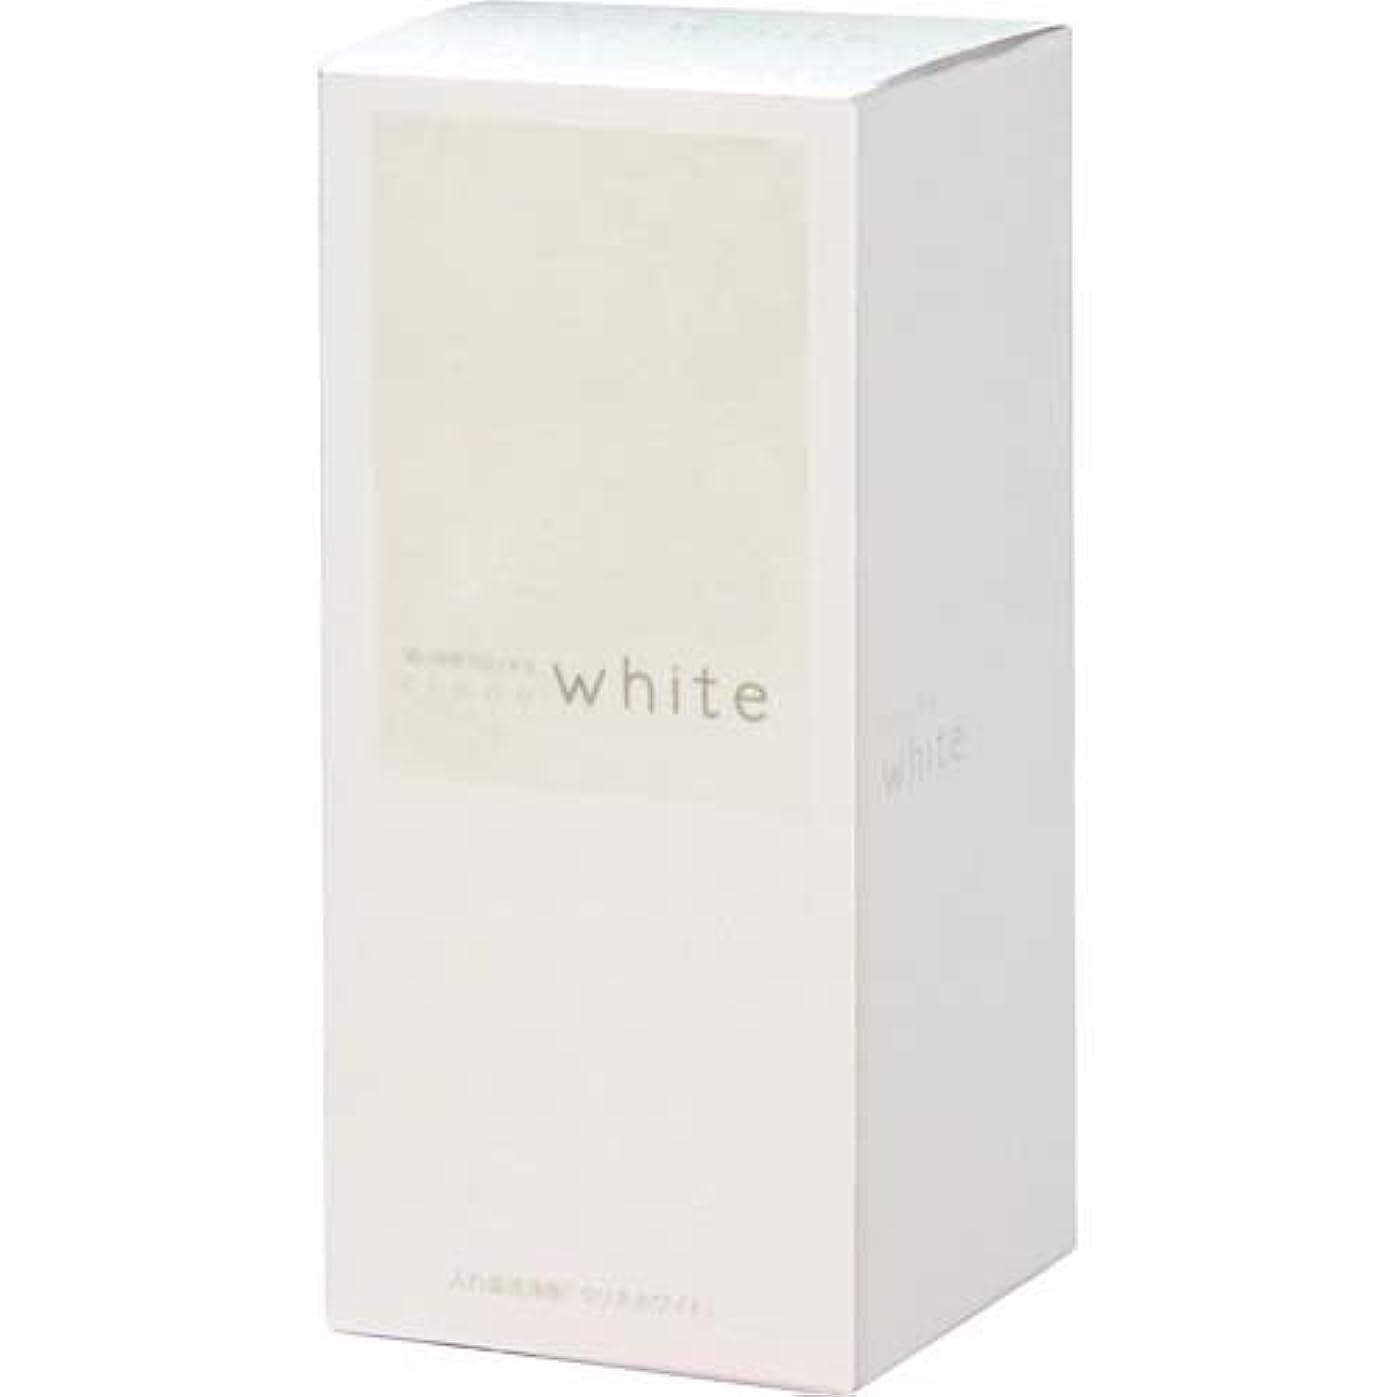 ピカリング襲撃雲短い時間で白くする 強力入れ歯洗浄剤 クリネホワイト